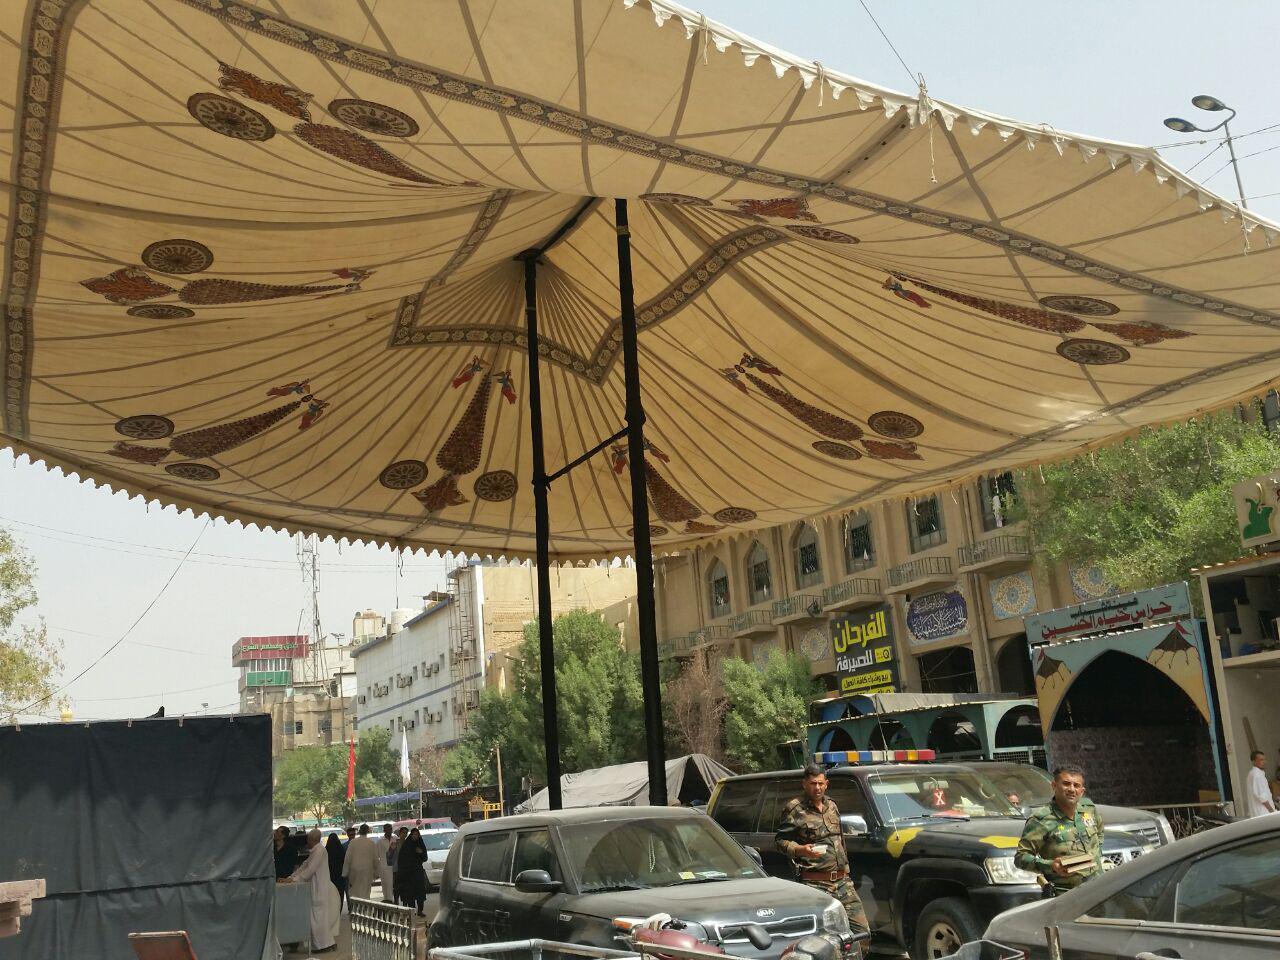 تصویر گزارش تصویری ـ برپایی خیمه عزای حسینی در خیابان قبله امام حسین علیه السلام در شهر مقدس کربلا